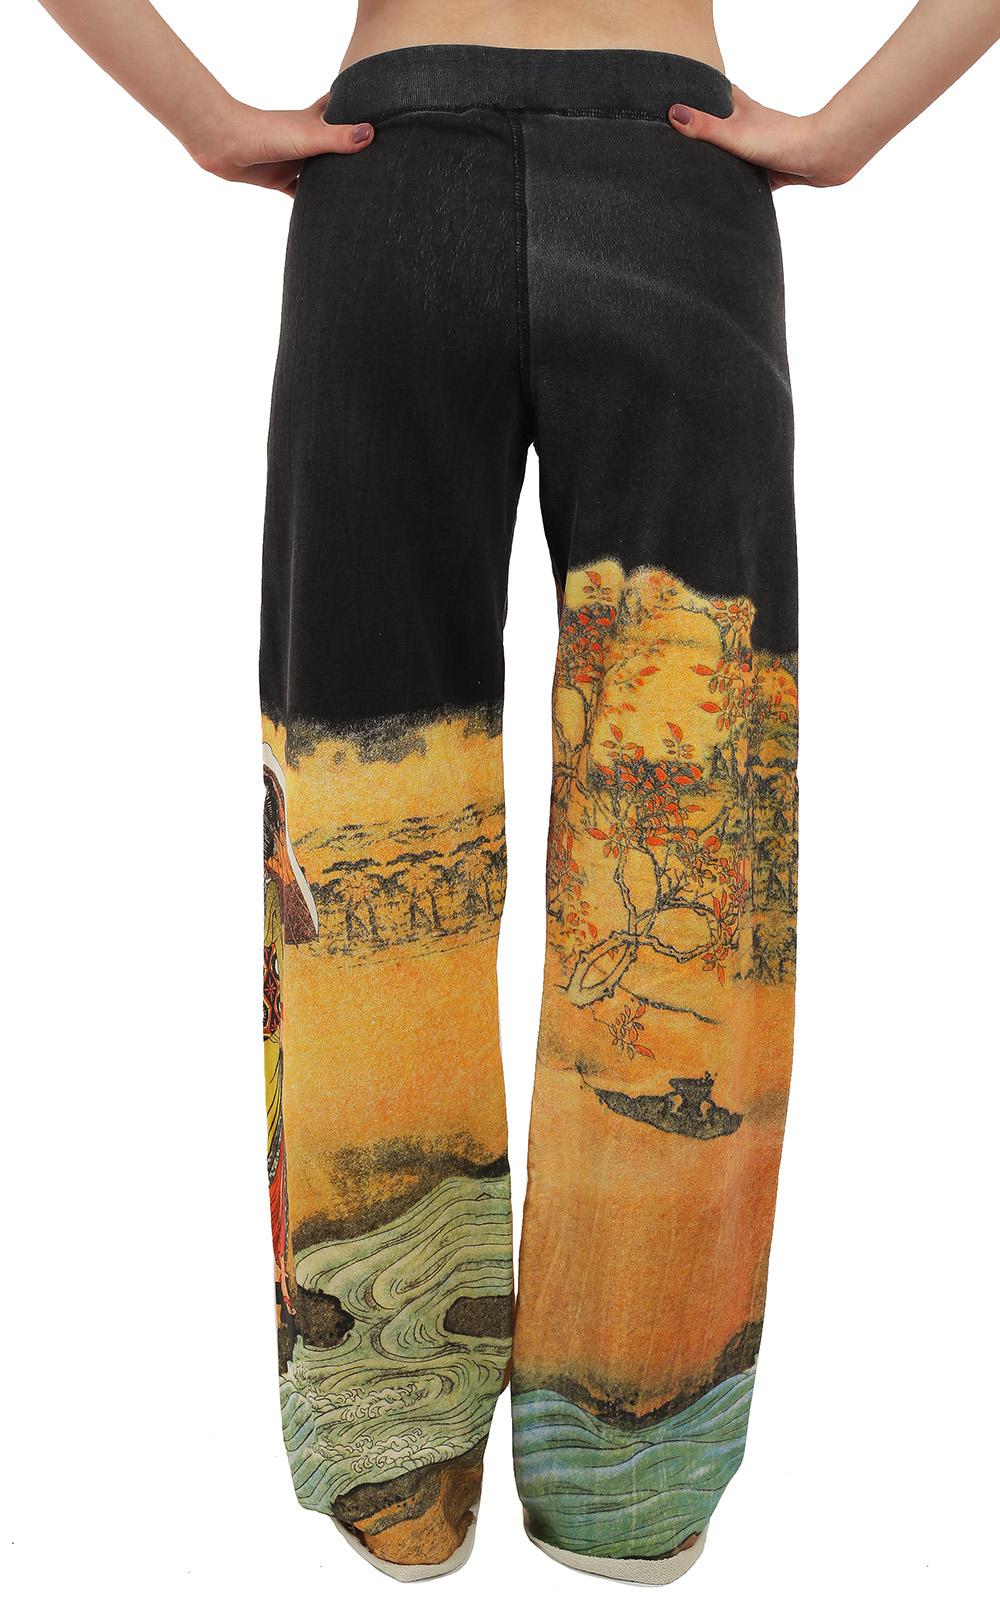 Широкие спортивные штаны для девушек. Твой секси стиль и свобода движений от бренда Paparazzi